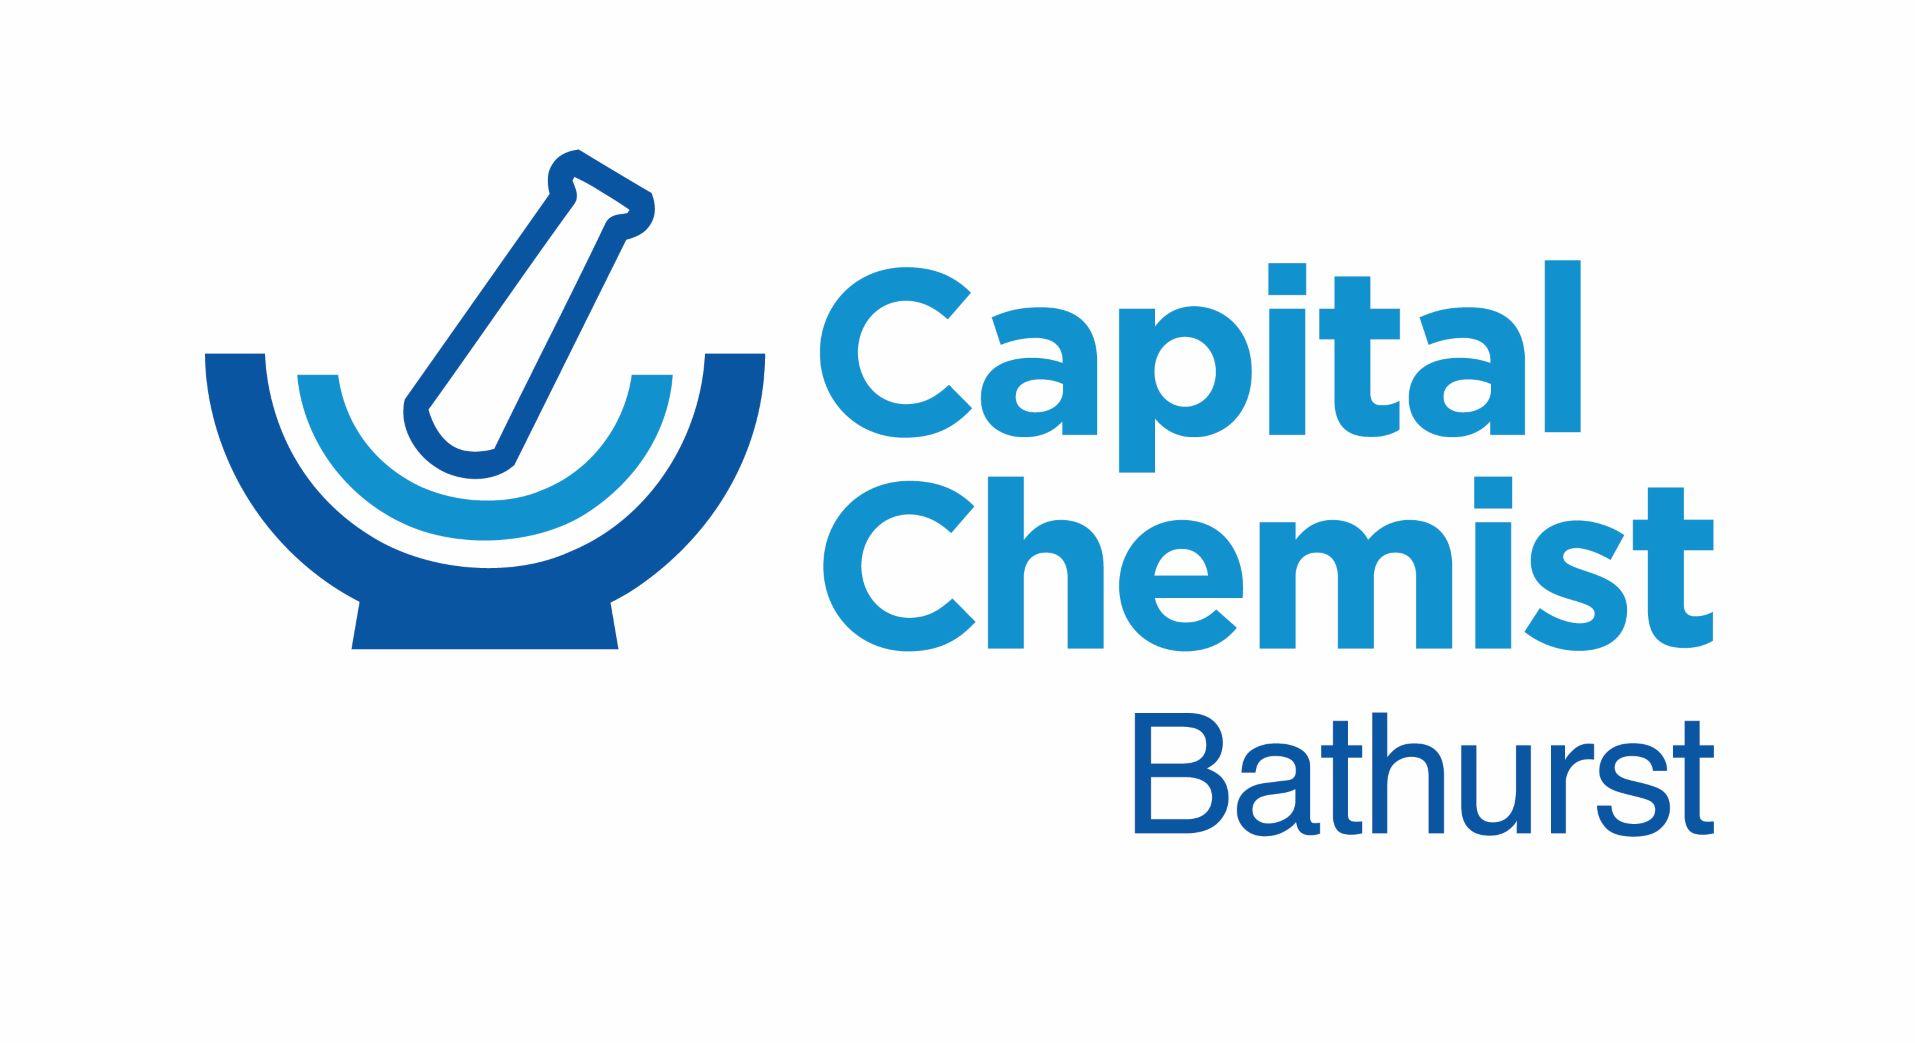 Capital Chemist Bathurst